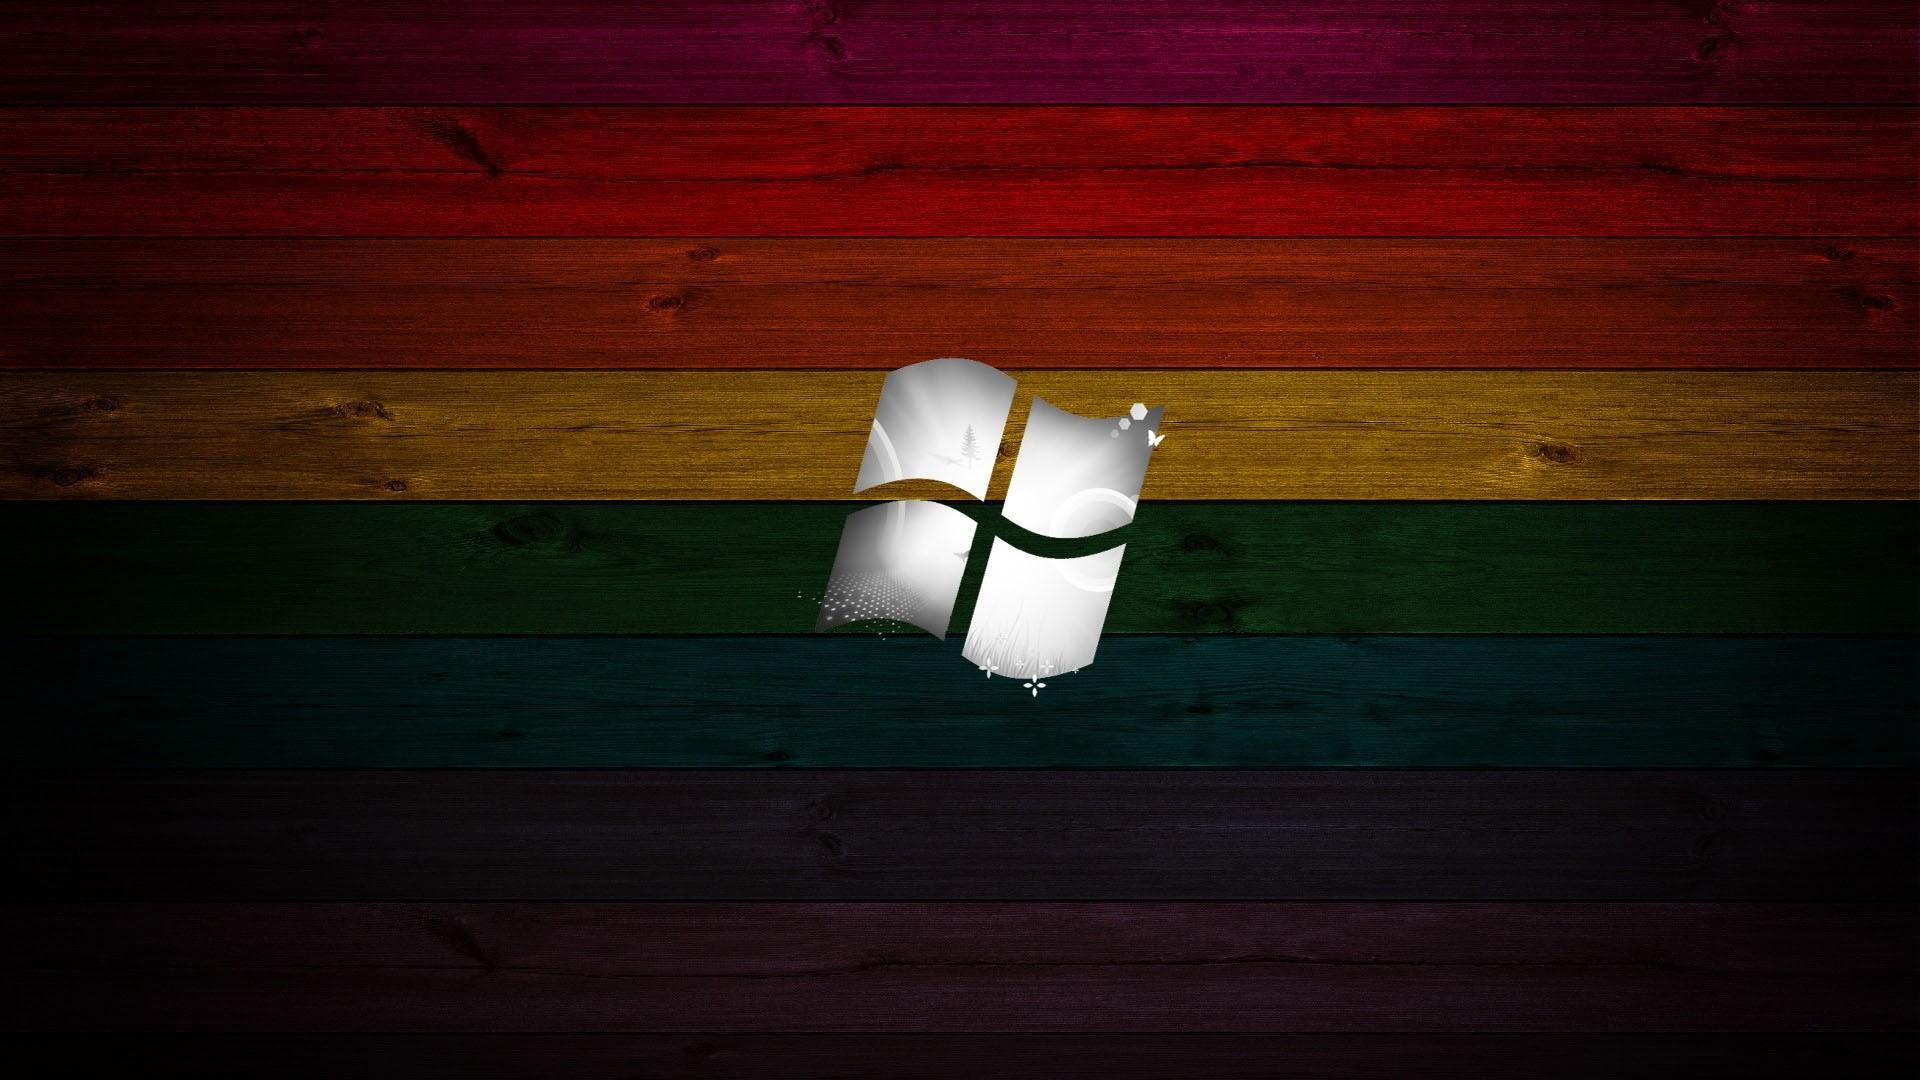 Free HQ Windows 7 Backup Restore Wallpaper – Free HQ .